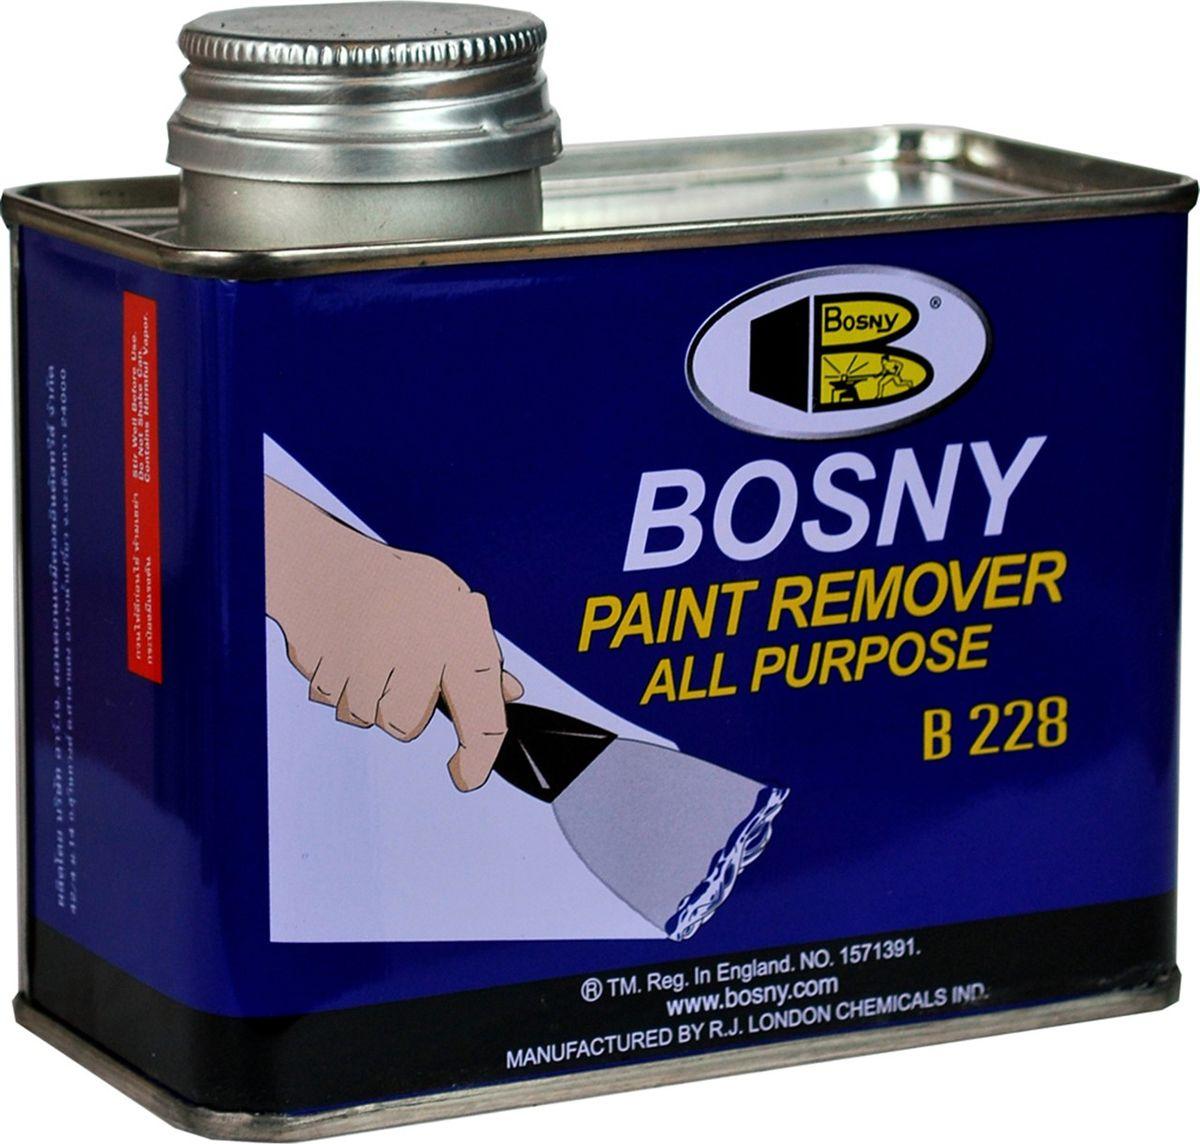 Смывка краски-гель Bosny, универсальная, 800 гRC-100BWCУниверсальнаясмывка краскиBosny Paint Remover –мощное средствона гелевой основе, предназначенное для удаления всевозможных типов краски с окрашенных поверхностей быстро и эффективно, весь процесс занимает лишь несколько минут. Смывка краскиBosny Paint Remover предназначенадля удаления масляных красок, синтетических эмалей, различныхлаков, в том числецеллюлозных, эмалей горячей сушки, и других видов лакокрасочных покрытий. Может использоваться как для бытовых, так и для промышленных целей. Гелевая консистенция смывки имеет несколько преимуществ по сравнению с жидкими или аэрозольными составами: 1. После нанесения гелеобразный состав образует равномерный слой одинаковой толщины по всей поверхности. 2. Можно легко и точно дозировать расход материала. 3. Исключено попадание случайных брызг на соседние участки поверхности. 4. Не требует предварительного размешивания